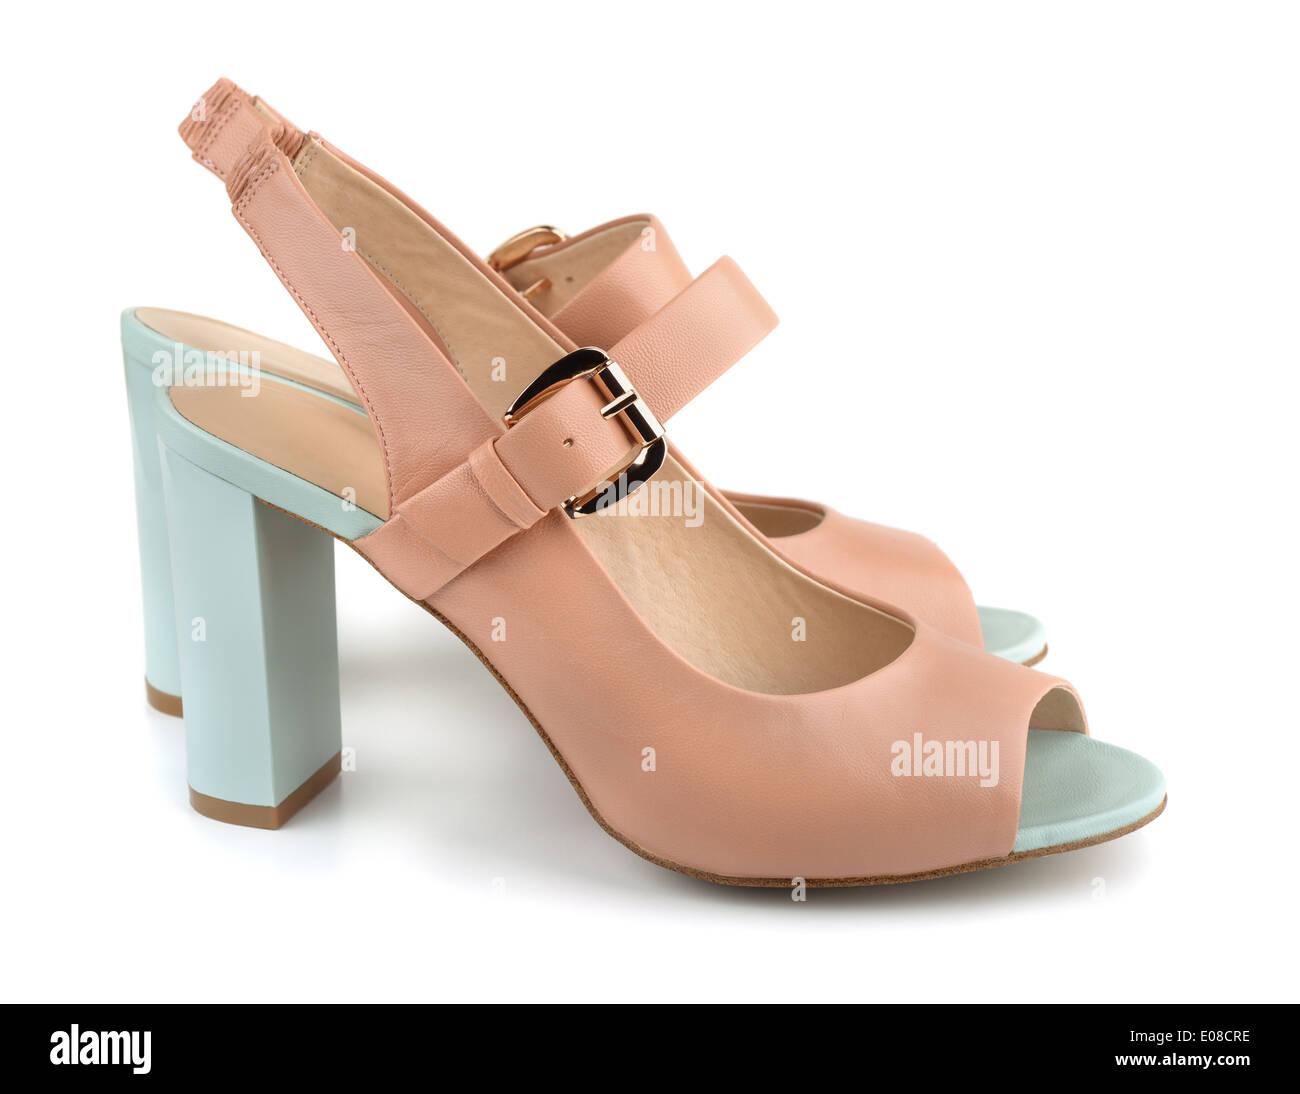 Par de zapatos de tacones altos de color beige aislado en blanco Imagen De Stock